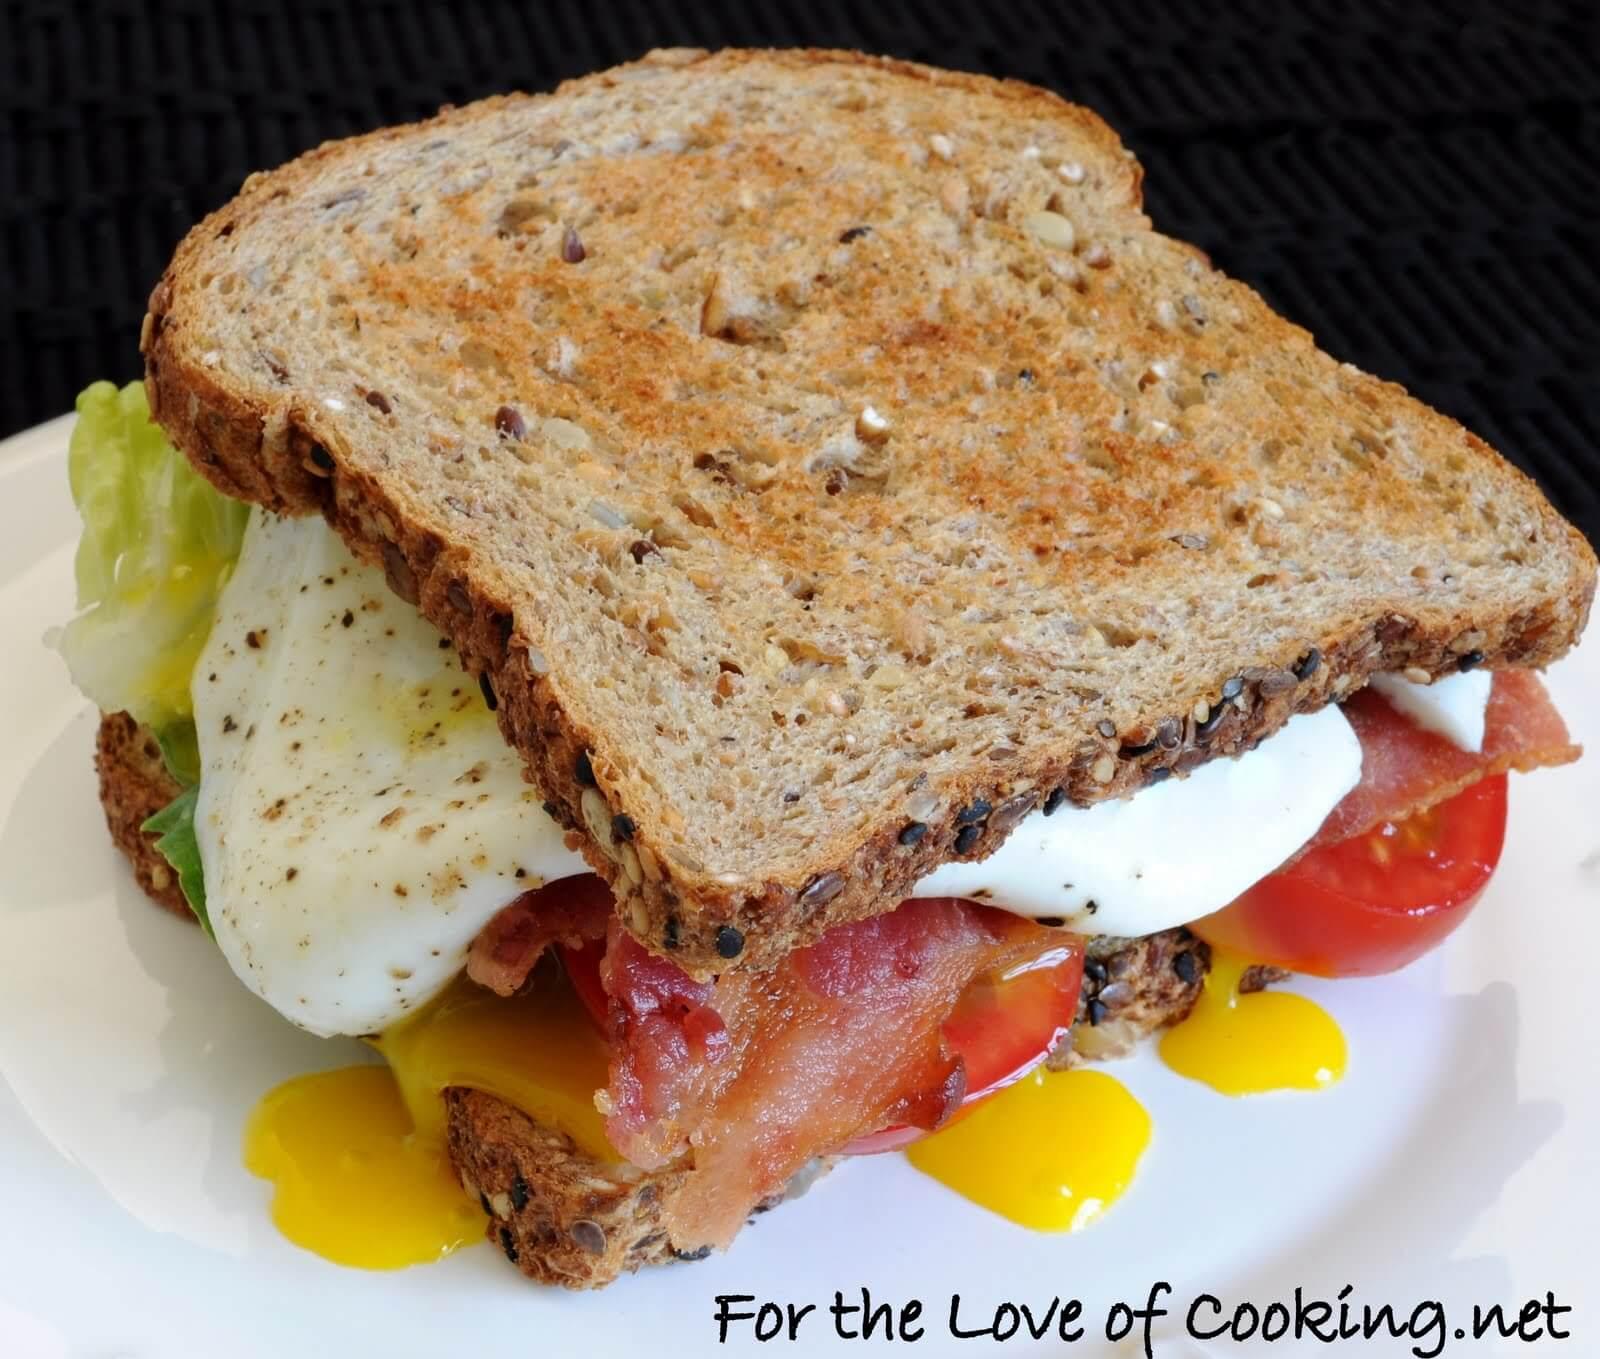 B, L, T, A, E (Bacon, Lettuce, Tomato, Avocado, and Egg Sandwich)